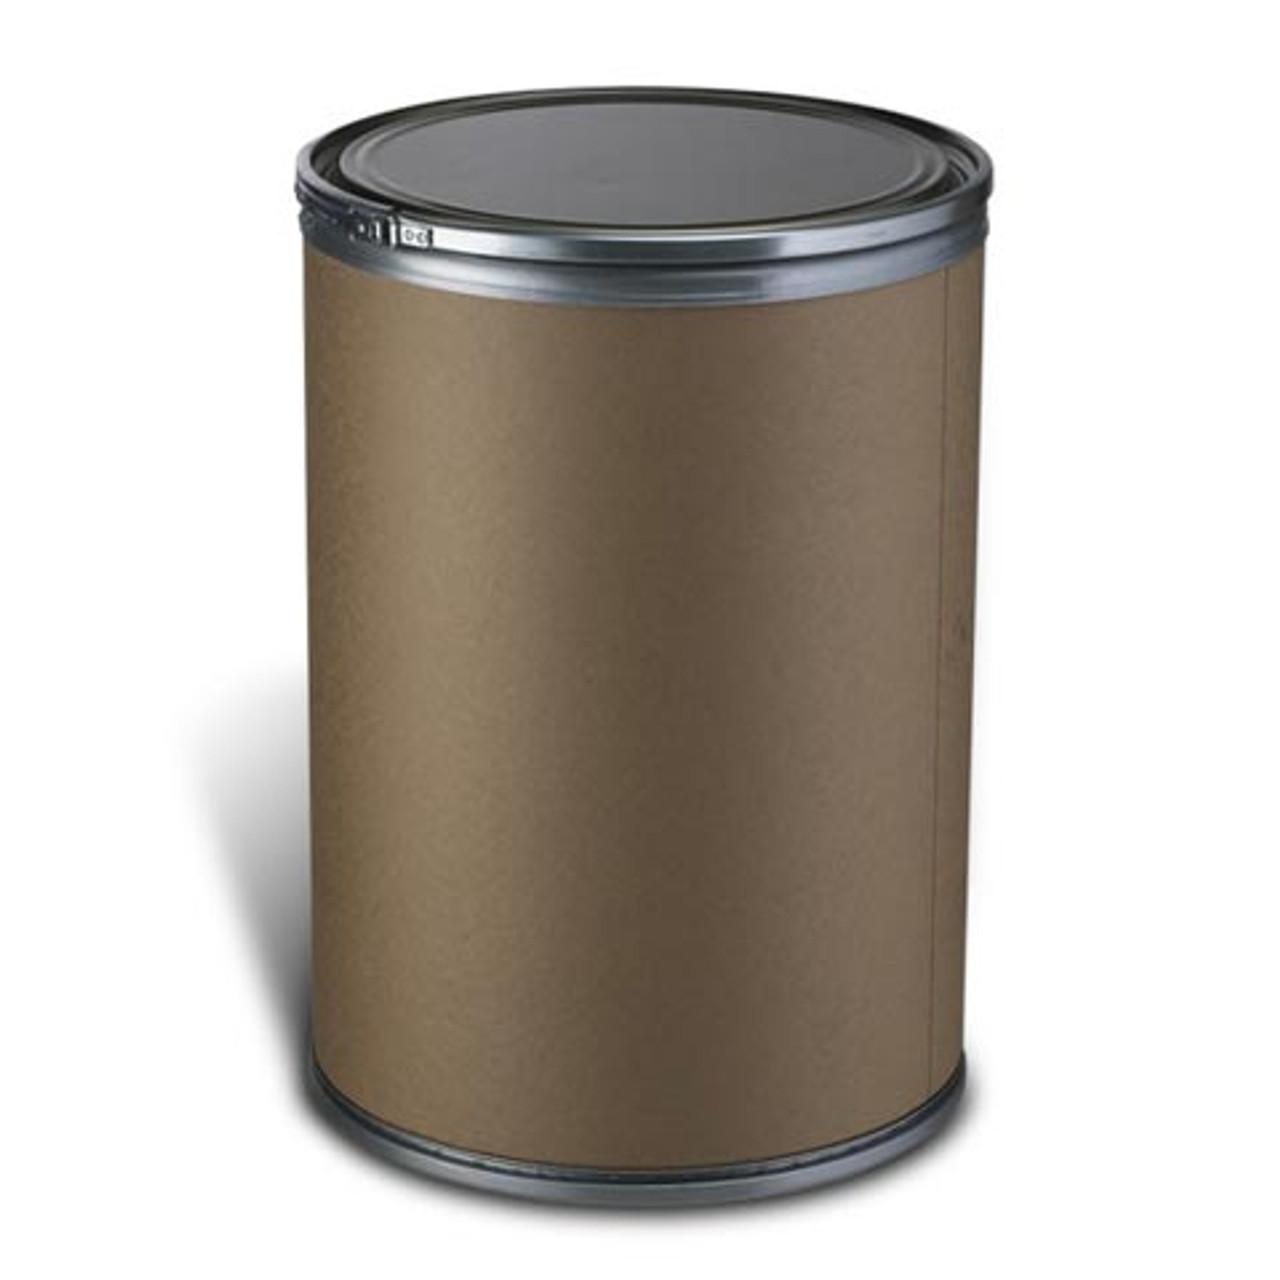 Fiber Drum: 44 Gallon